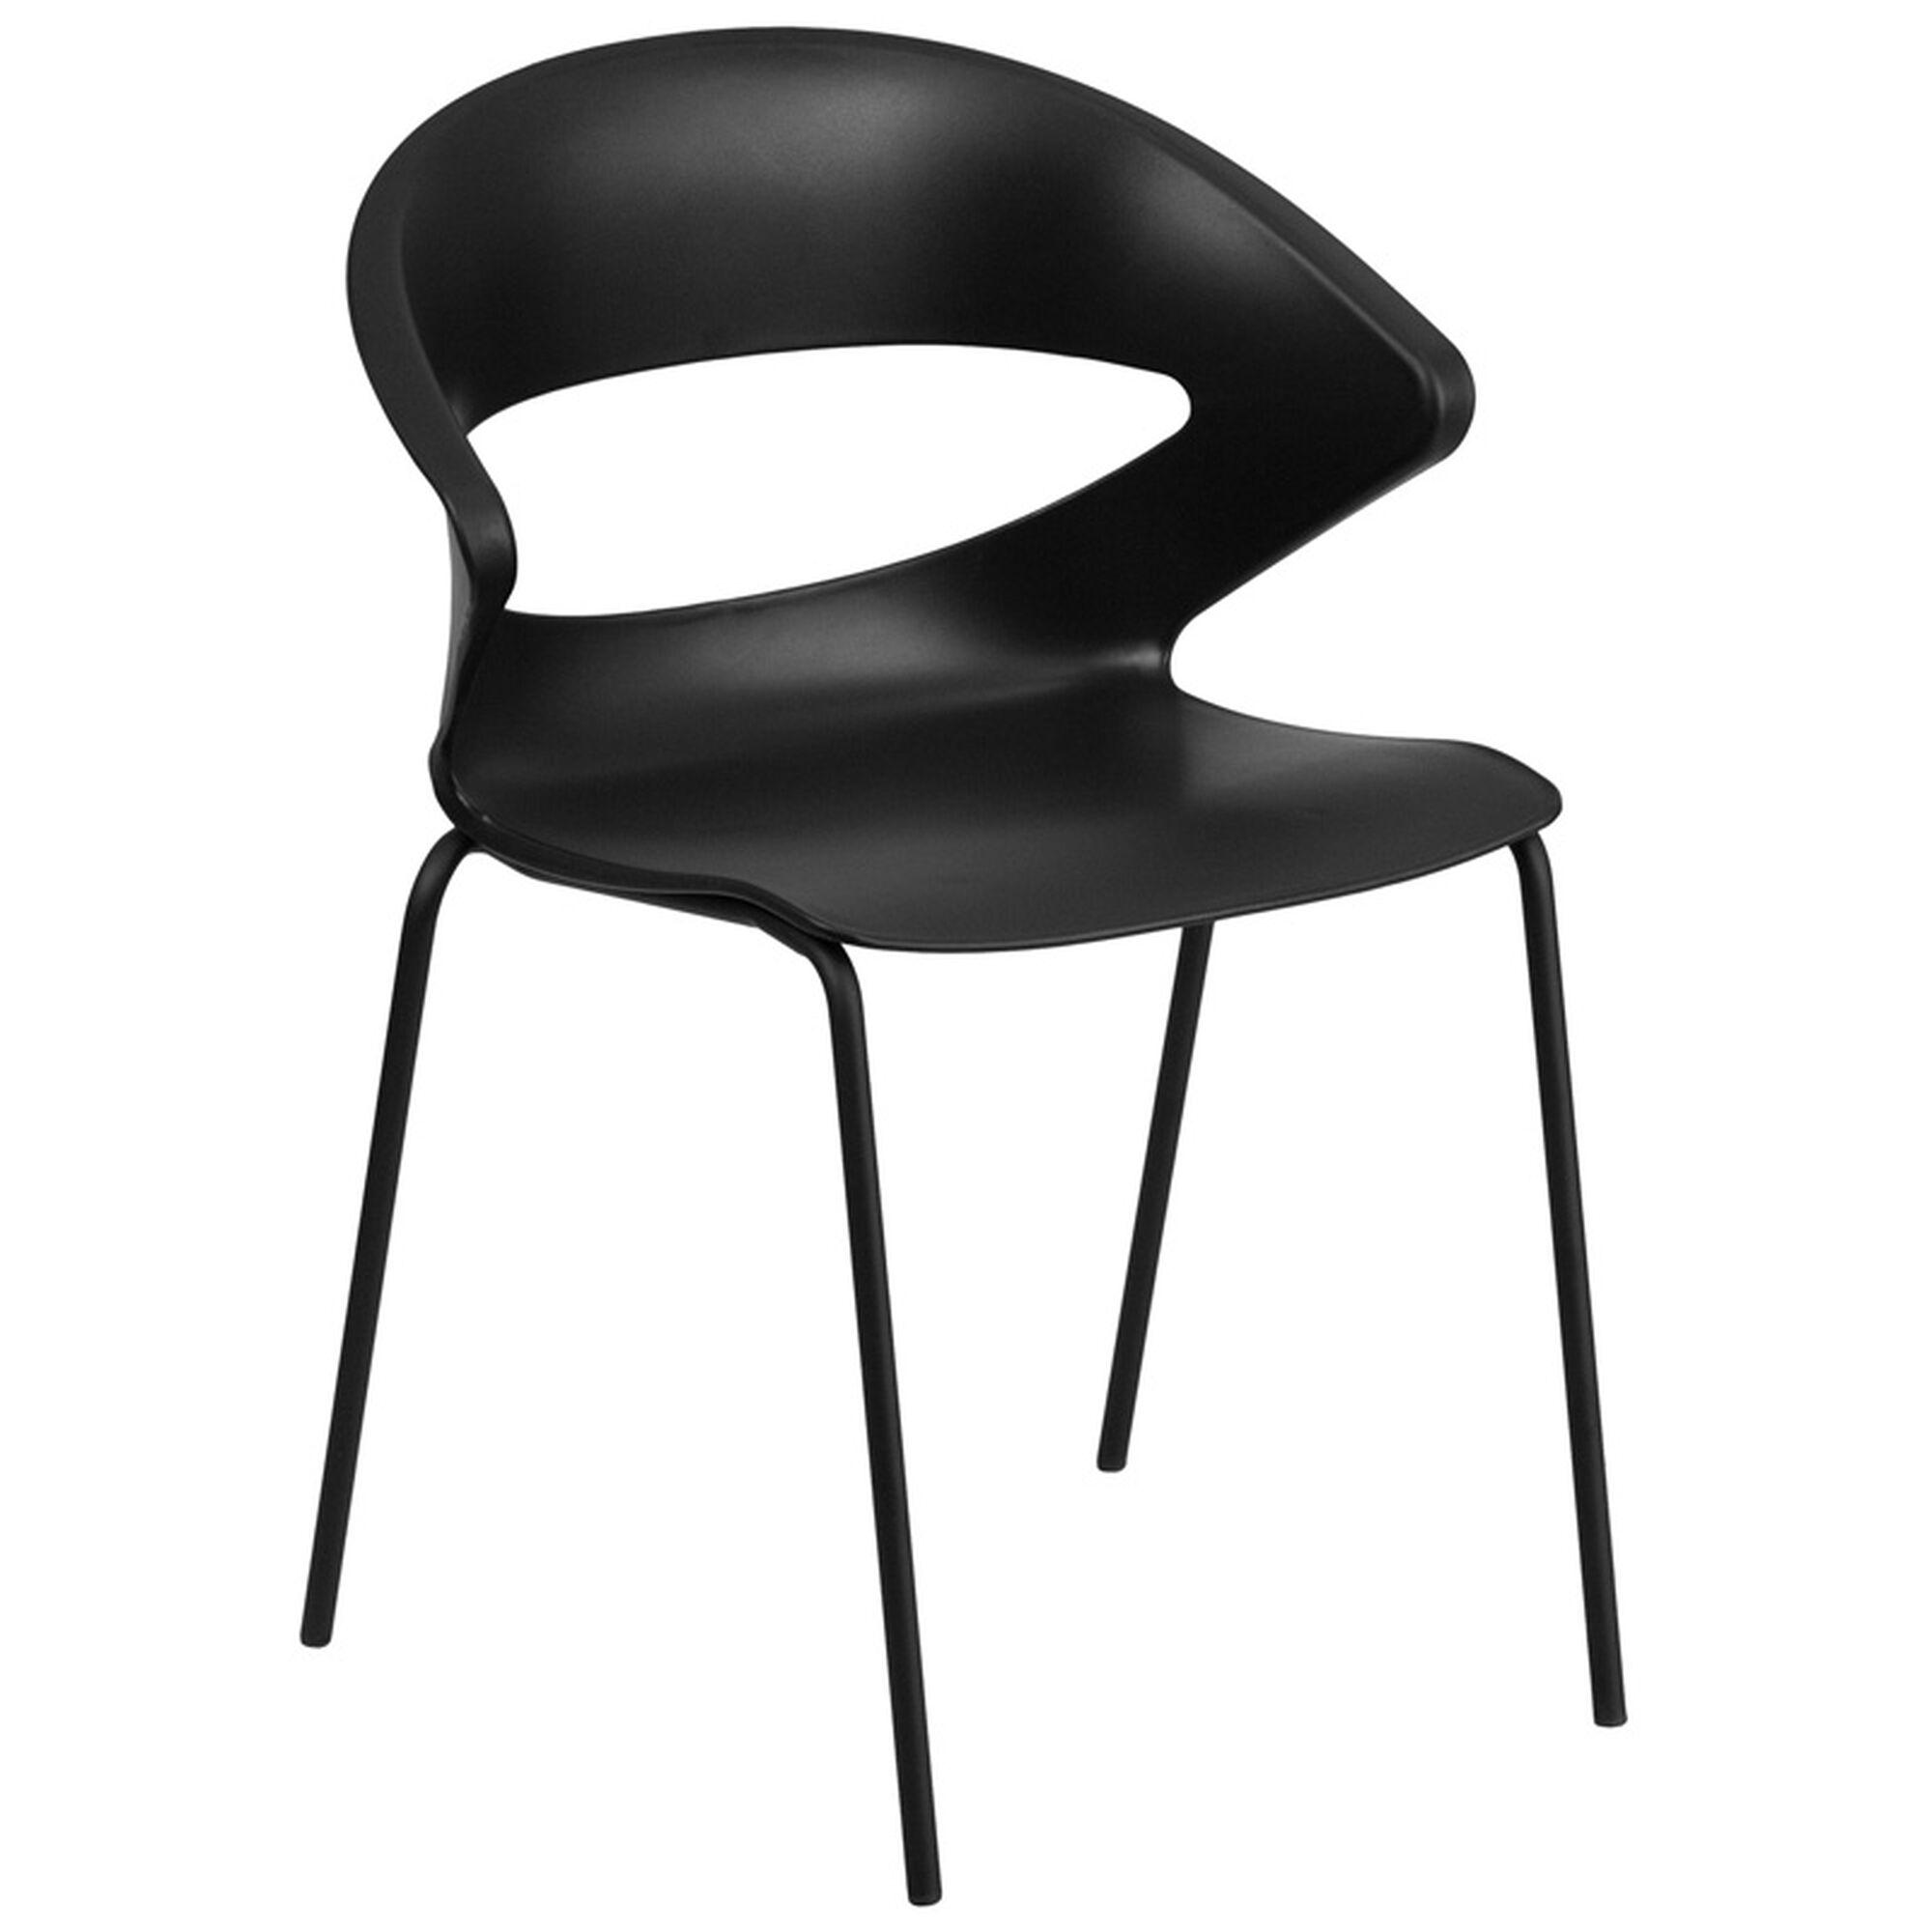 black stack chair rut 4 bk gg. Black Bedroom Furniture Sets. Home Design Ideas